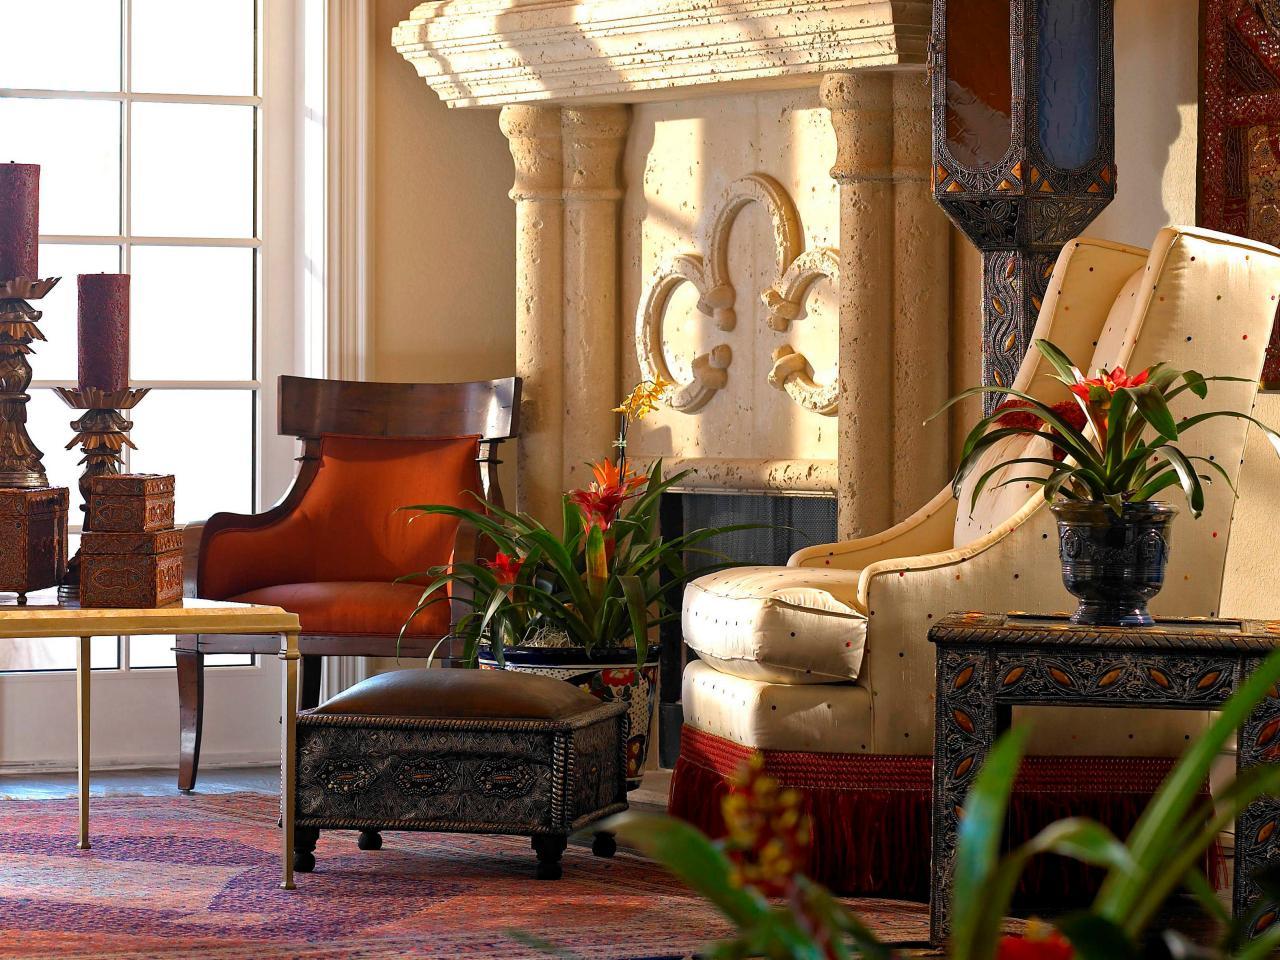 marruecos muebles velas rusticos ideas madera chimenea